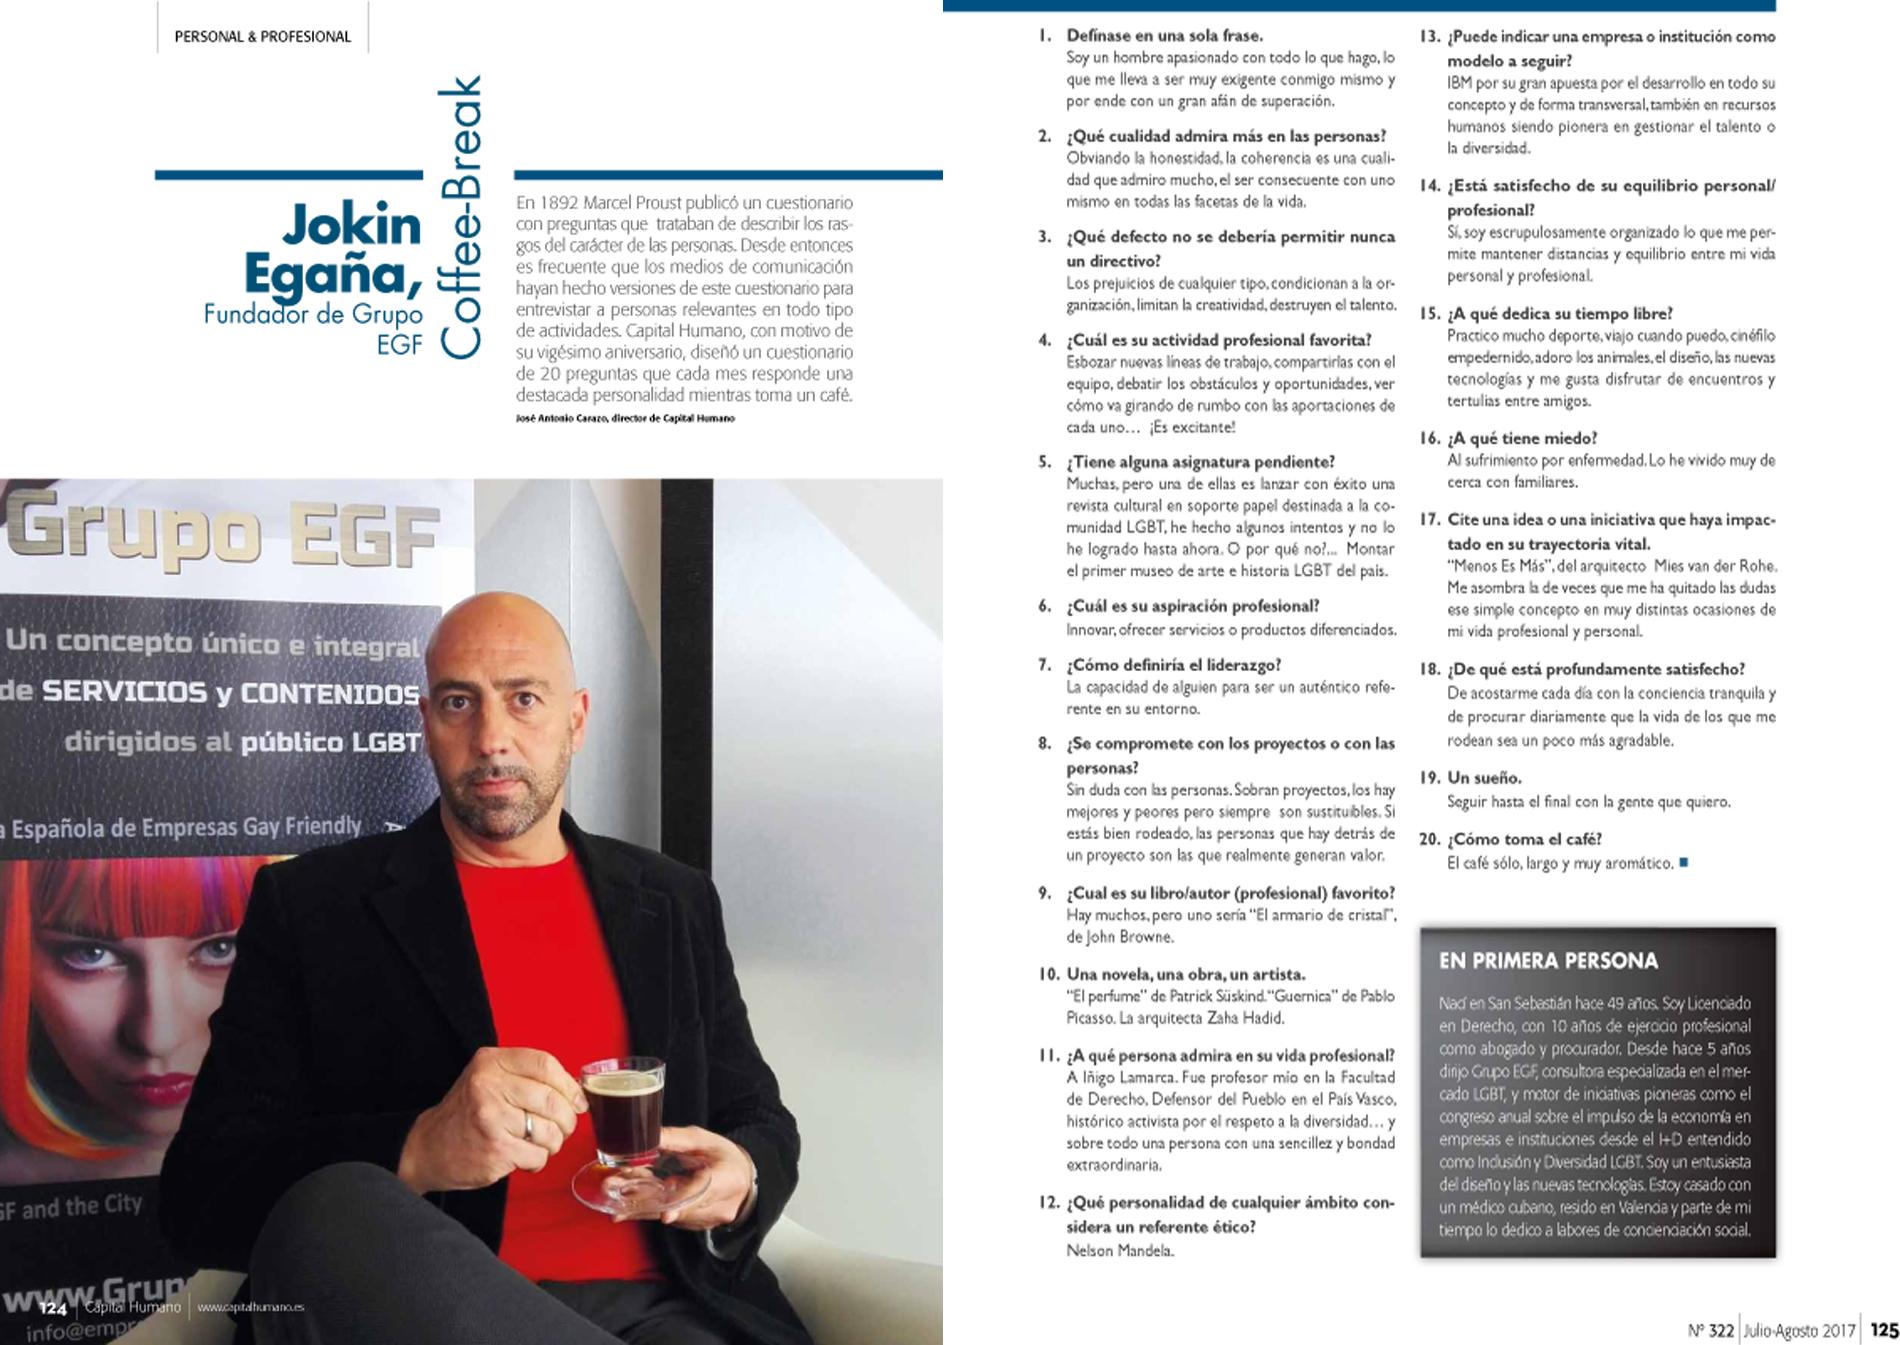 Jokin Egaña, director de Grupo EGF